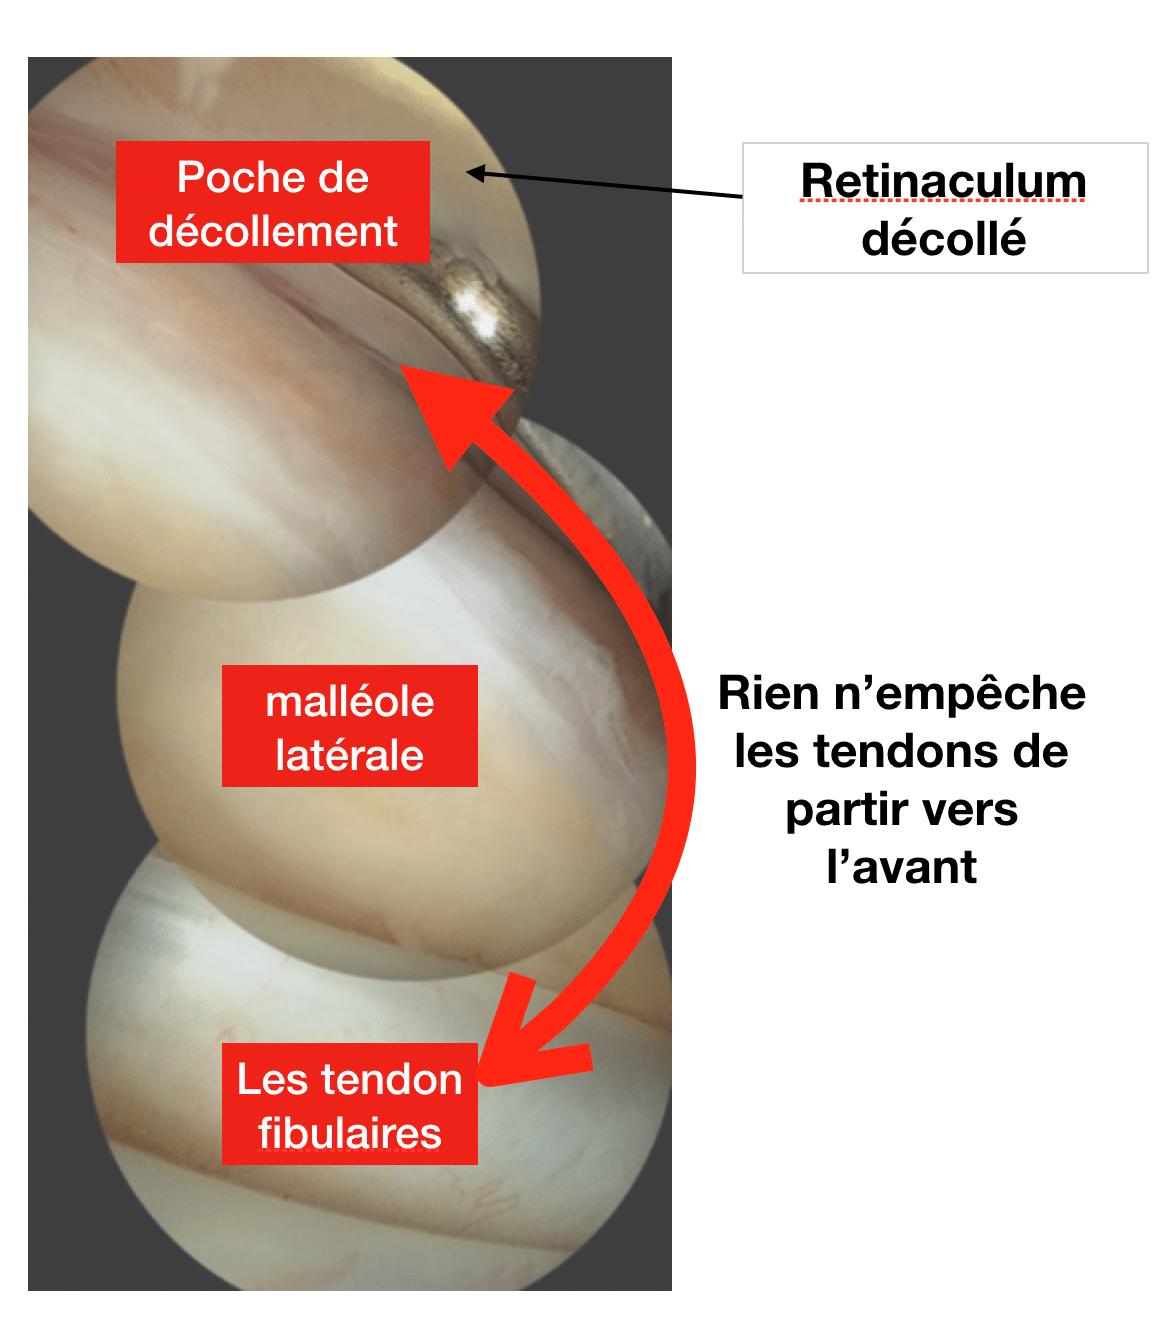 Luxation des tendons fibulaires : intervention sous arthroscopie